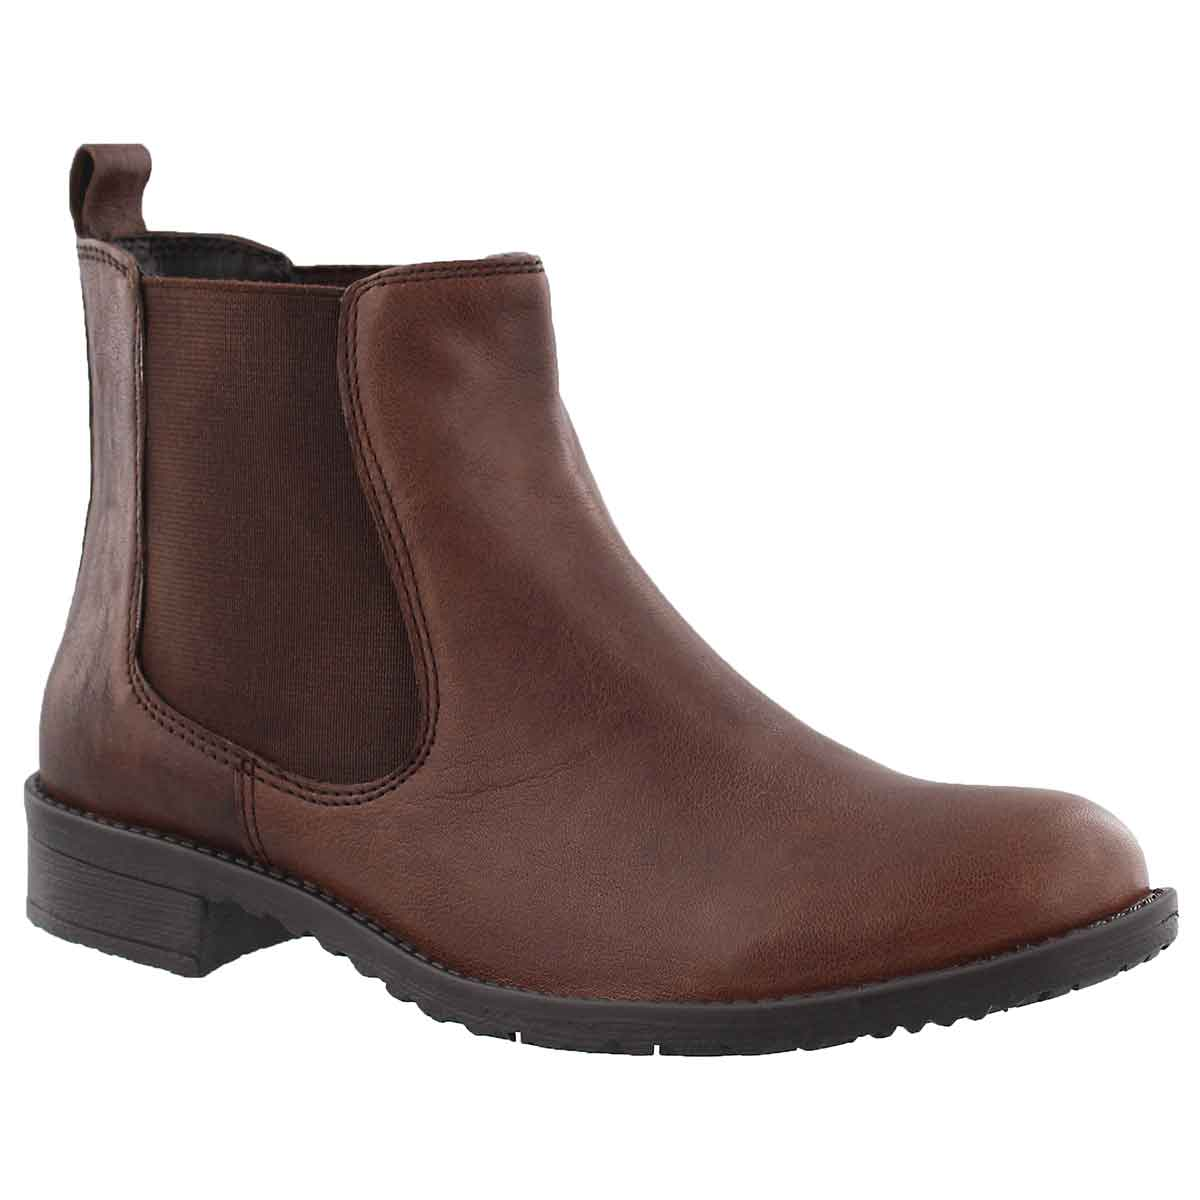 Women's DARILYN cognac chelsea boots